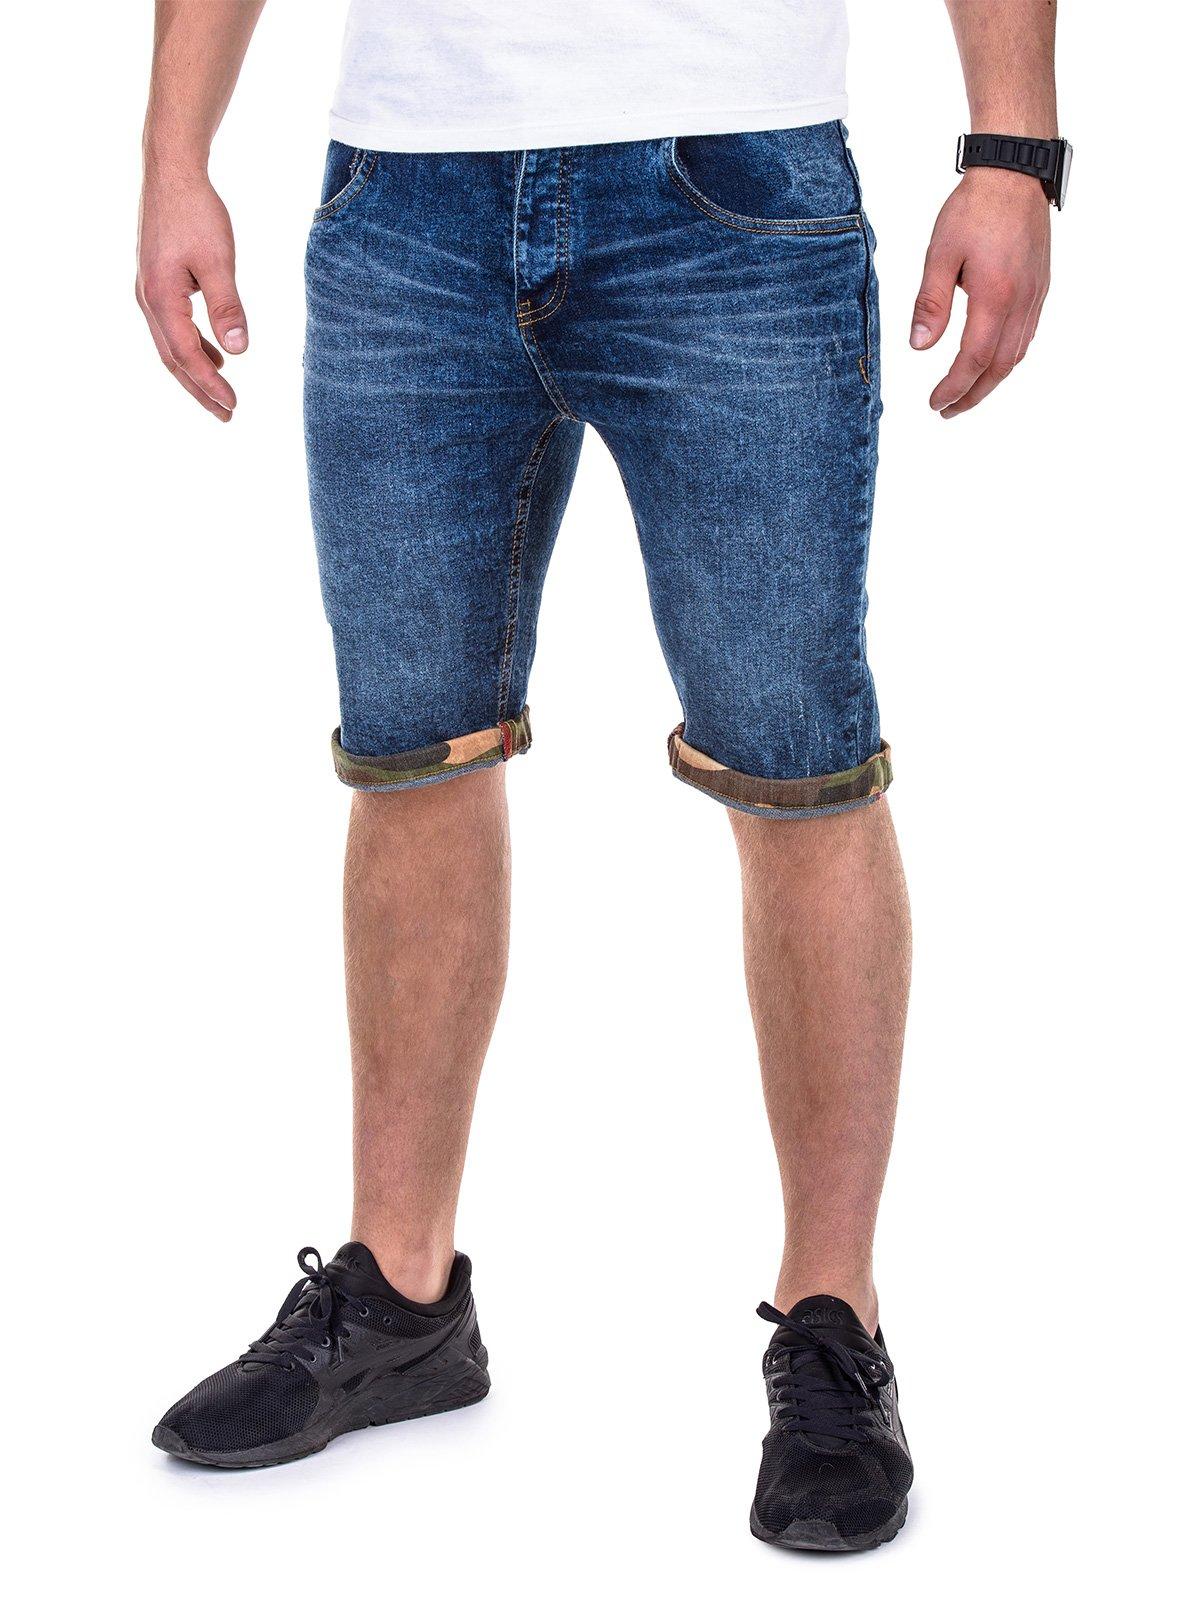 Шорти короткі чоловічі джинсові P415 - джинсові